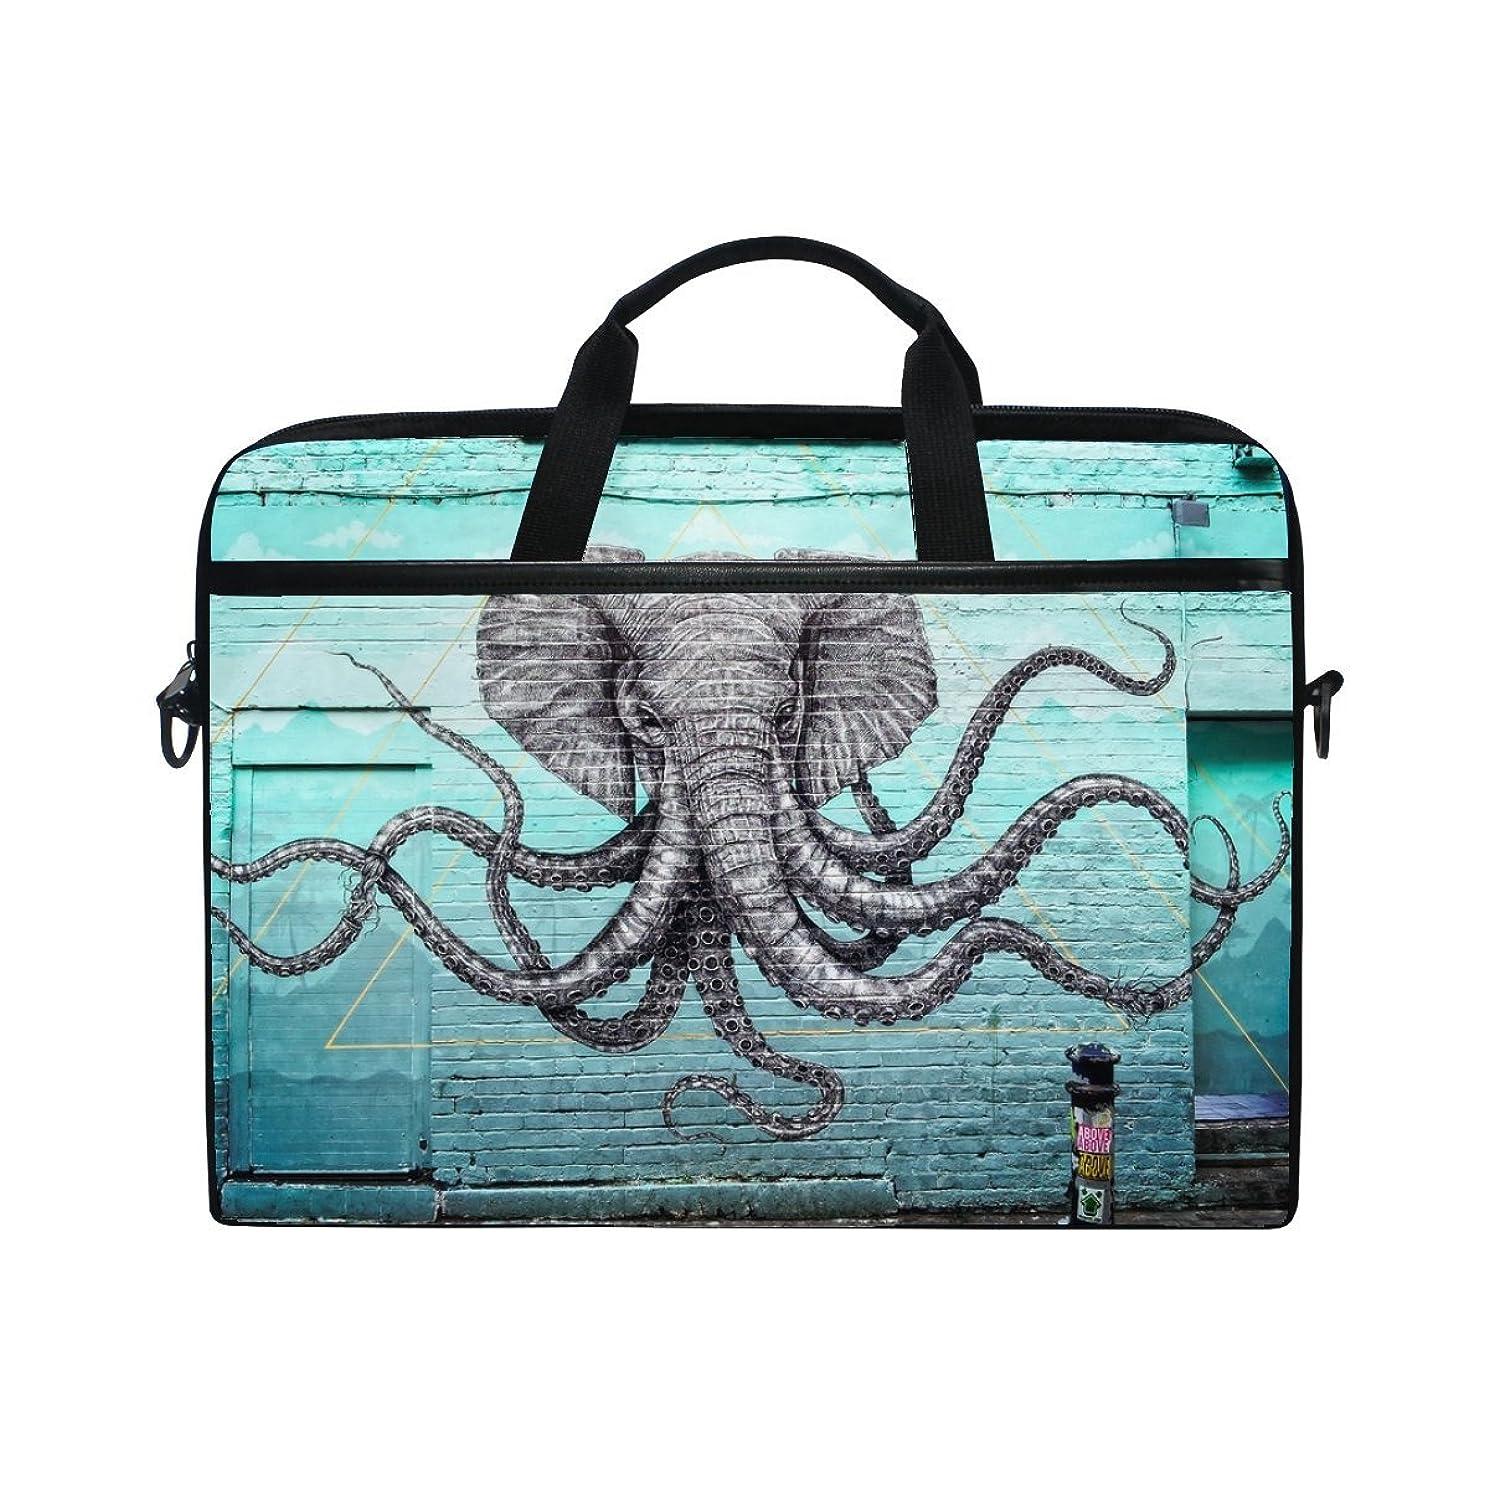 Rh Studio Laptopbag Graffiti Elephant Octopus Laptop Shoulder Messenger Bag Case Sleeve for 14 Inch to 15.6 Inch with Adjustable Notebook Shoulder Strap